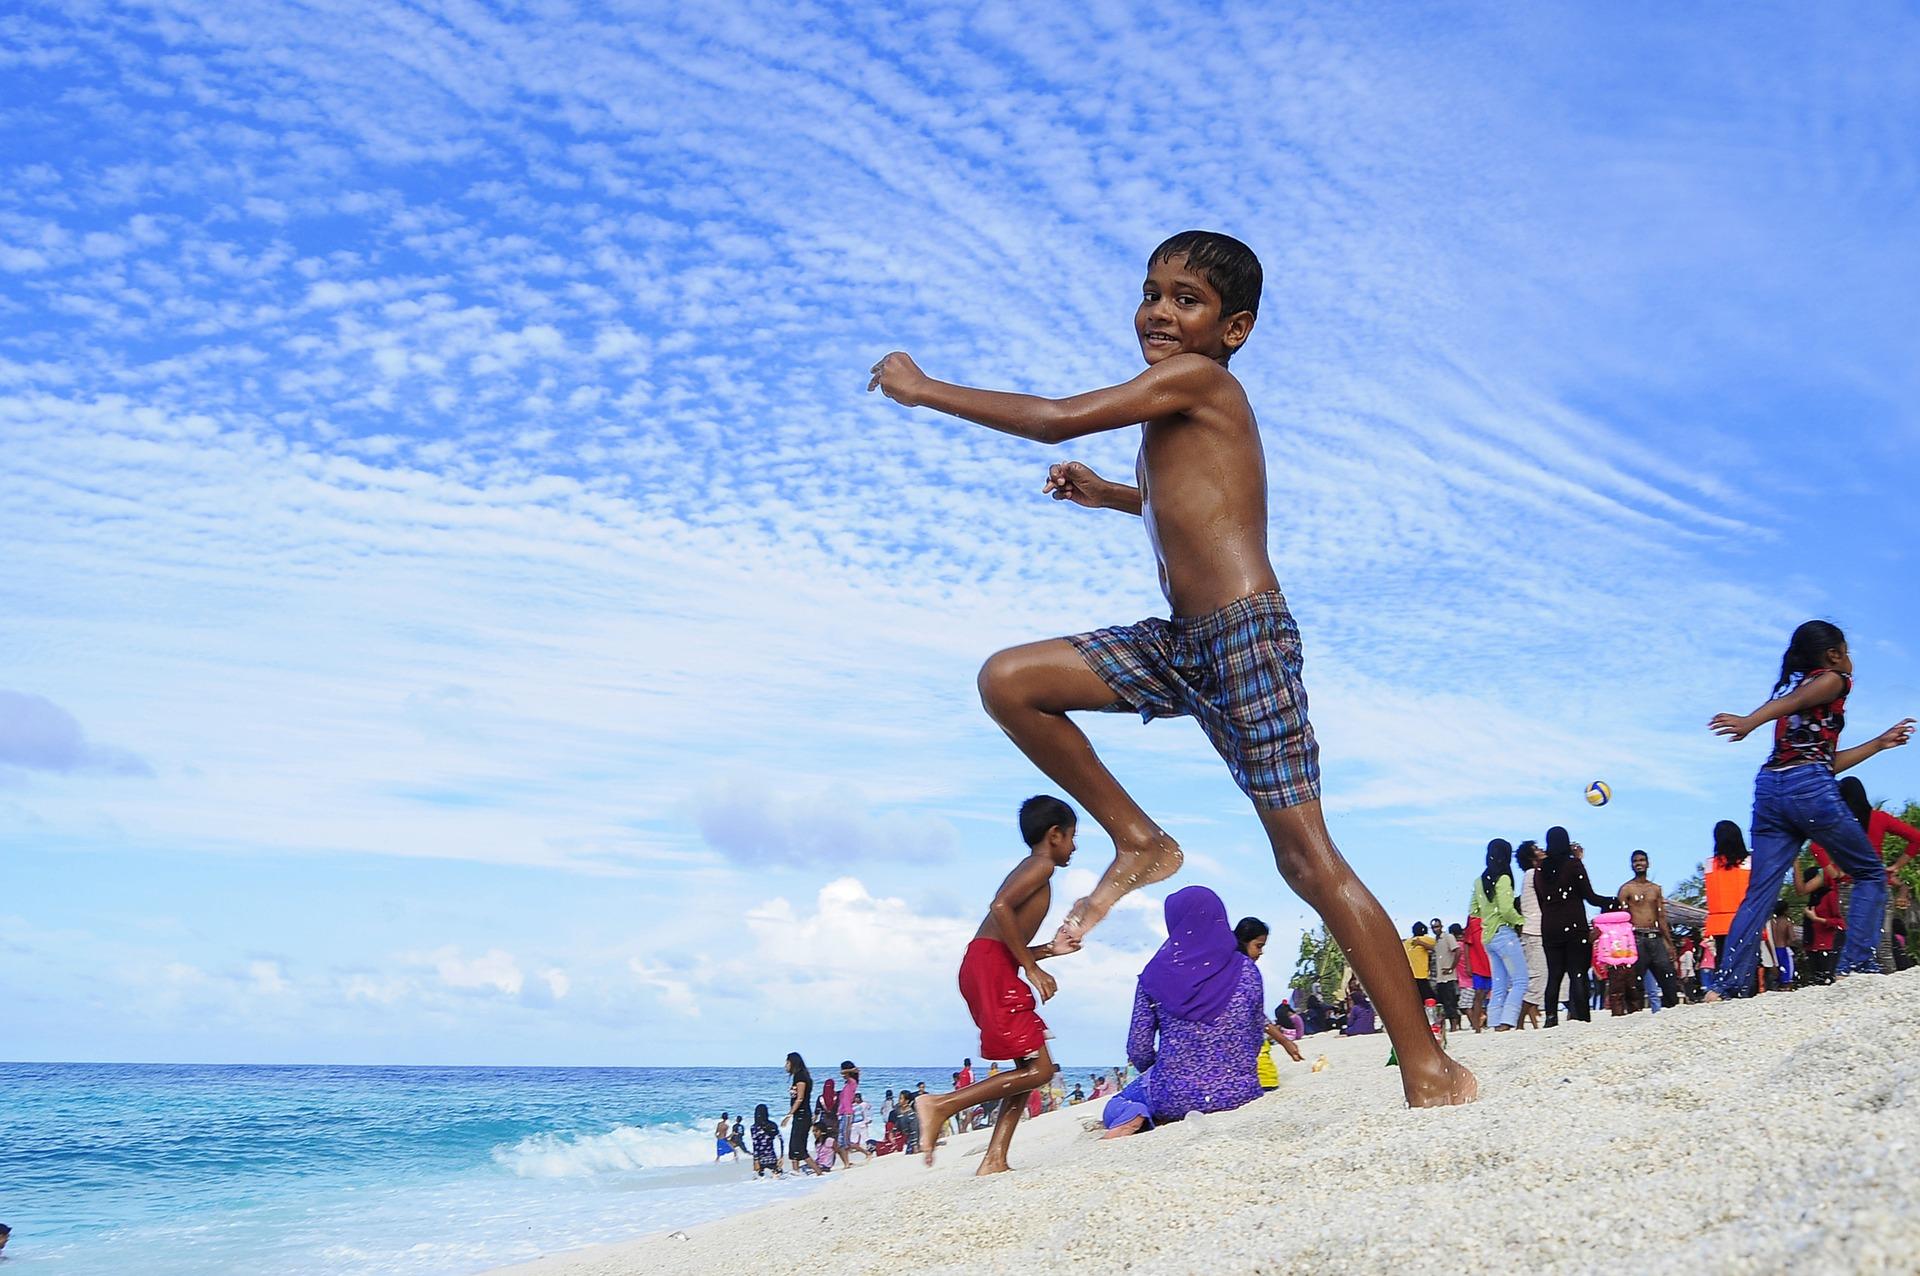 المالديف للاطفال